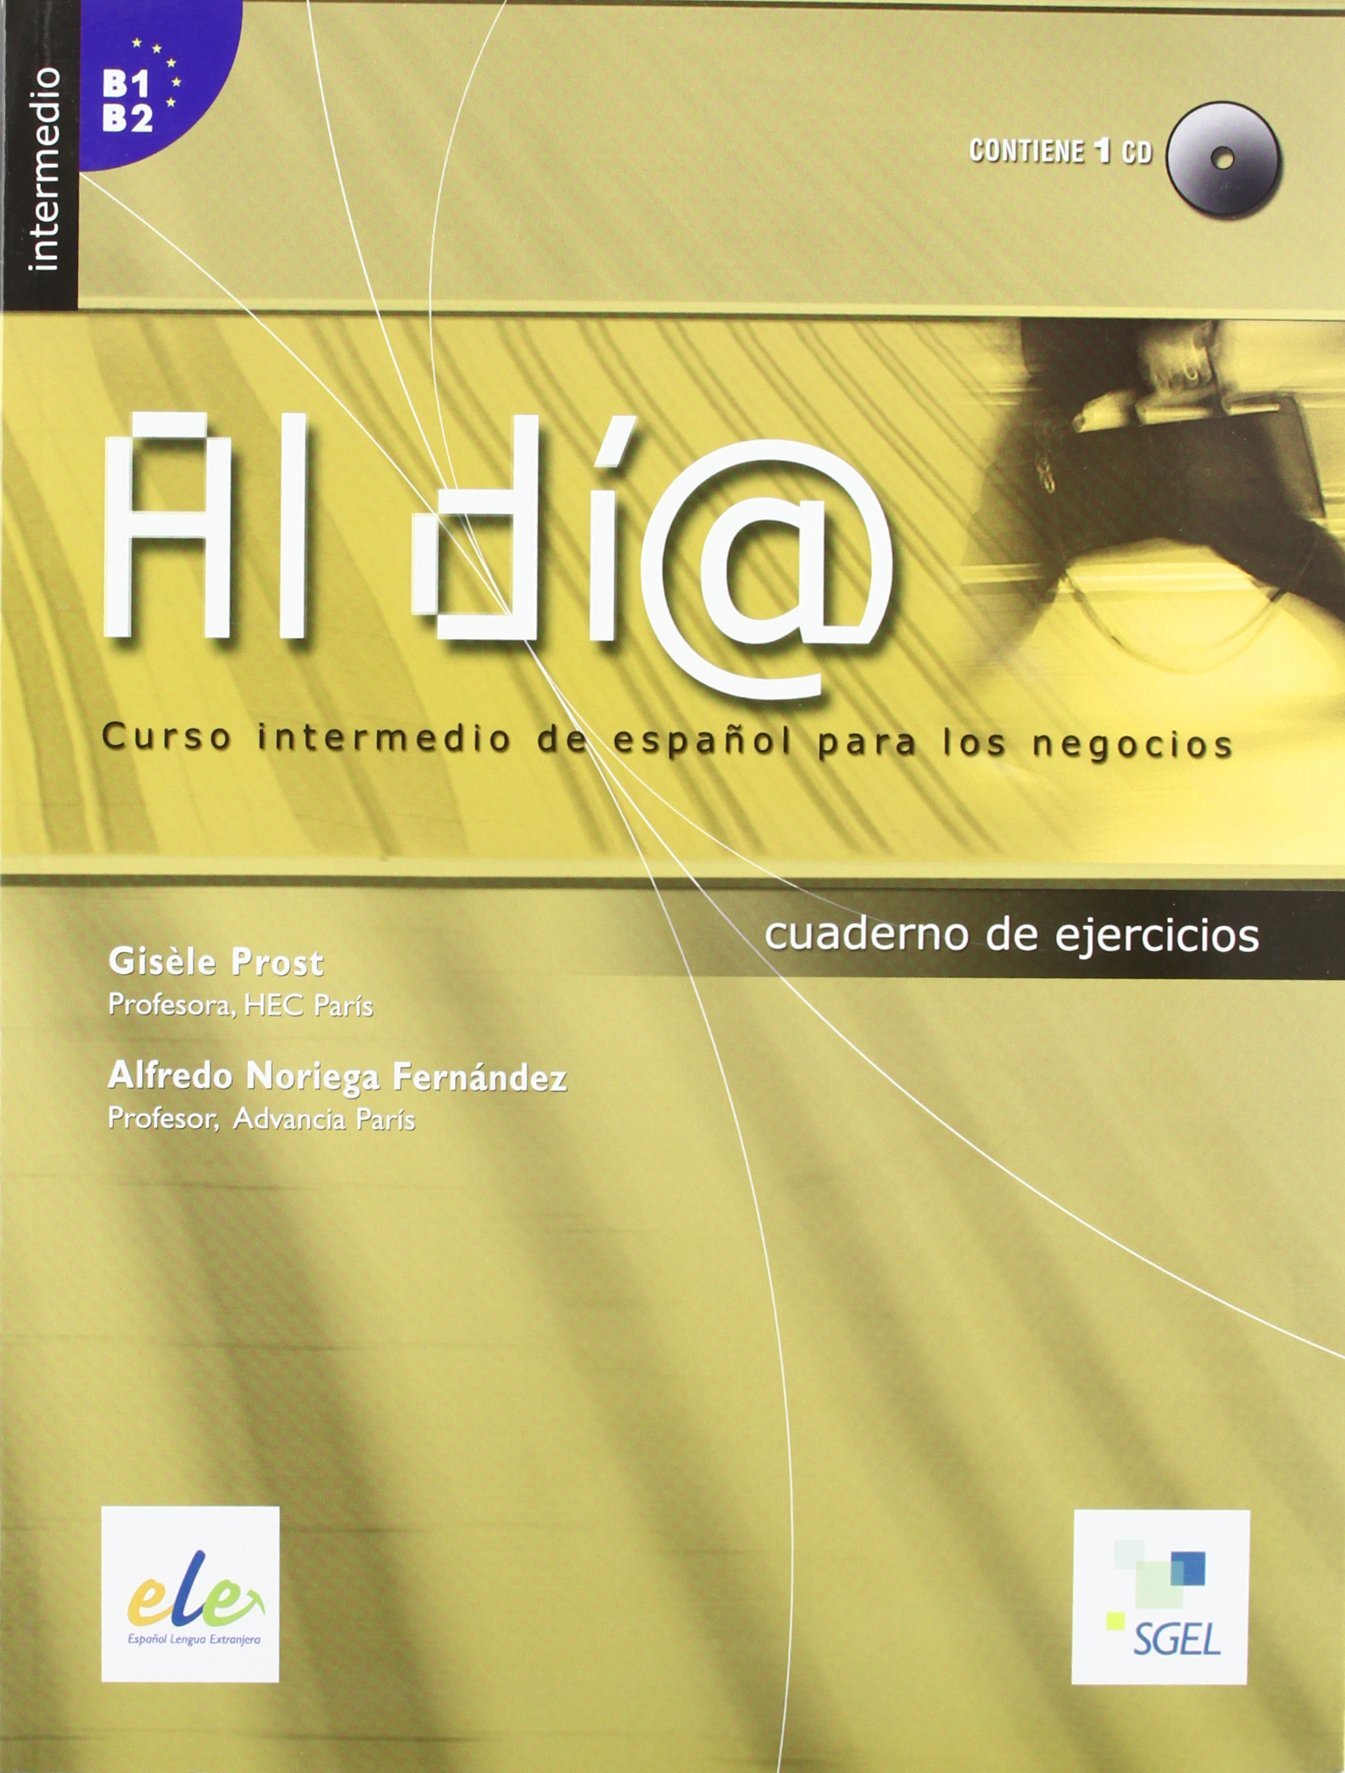 Al dia intermedio. Cuaderno de ejercicios (inkl. CD) / Al día intermedio. Cuaderno de ejercicios (inkl.CD): Curso intermedio de español para los negocios. Nivel intermedio B1/B2